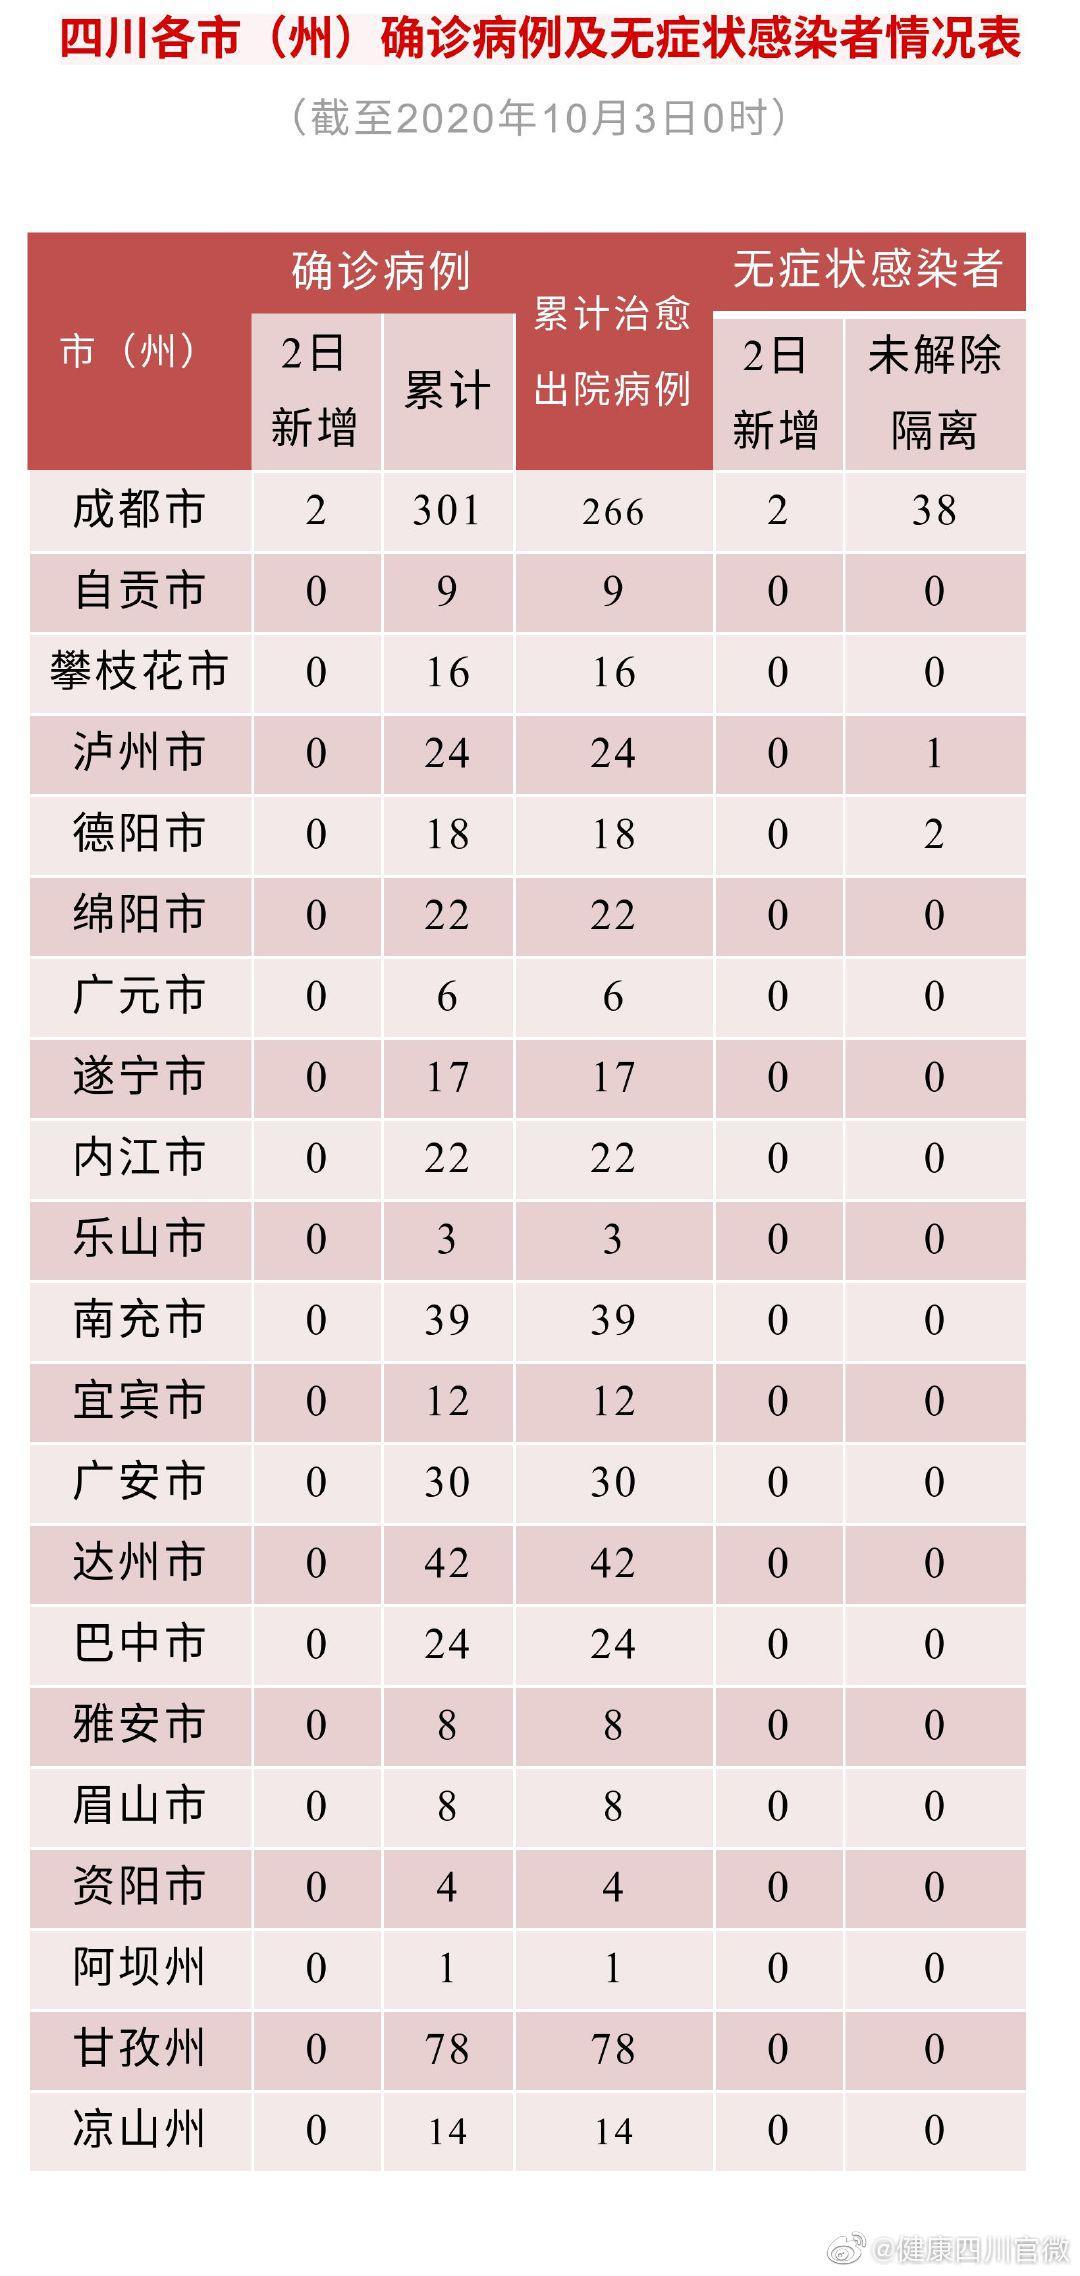 四川新增新型冠状病毒肺炎确诊病例2例 均为境外输入图片